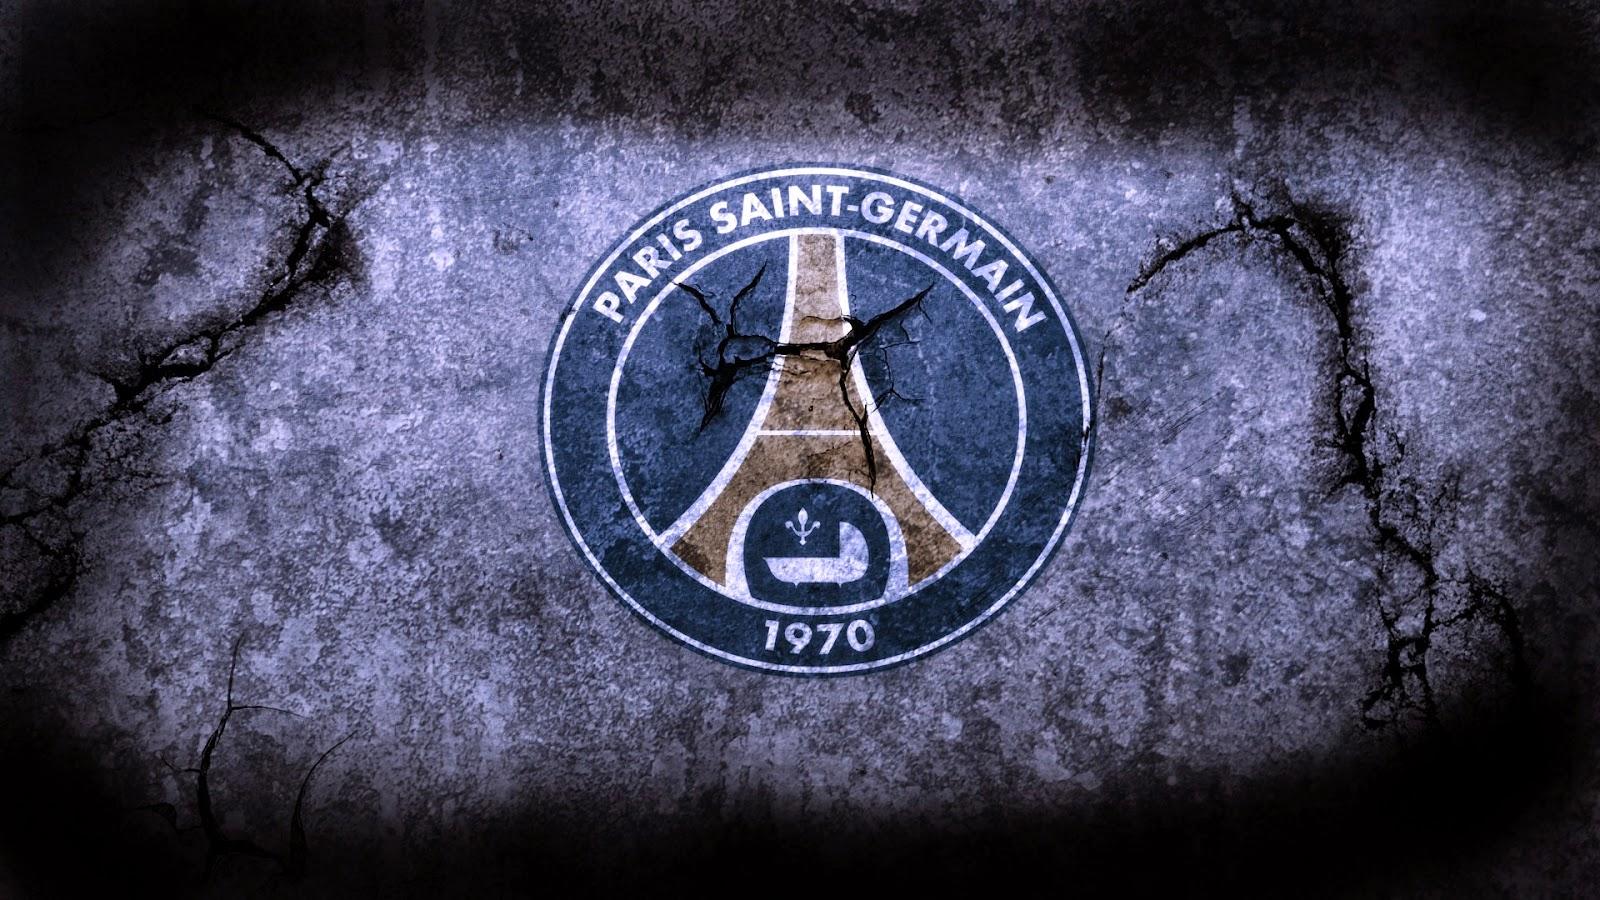 صور بريس سان جيرمان 12 صور باريس سان جيرمان ومعلومات عن الفريق الفرنسي